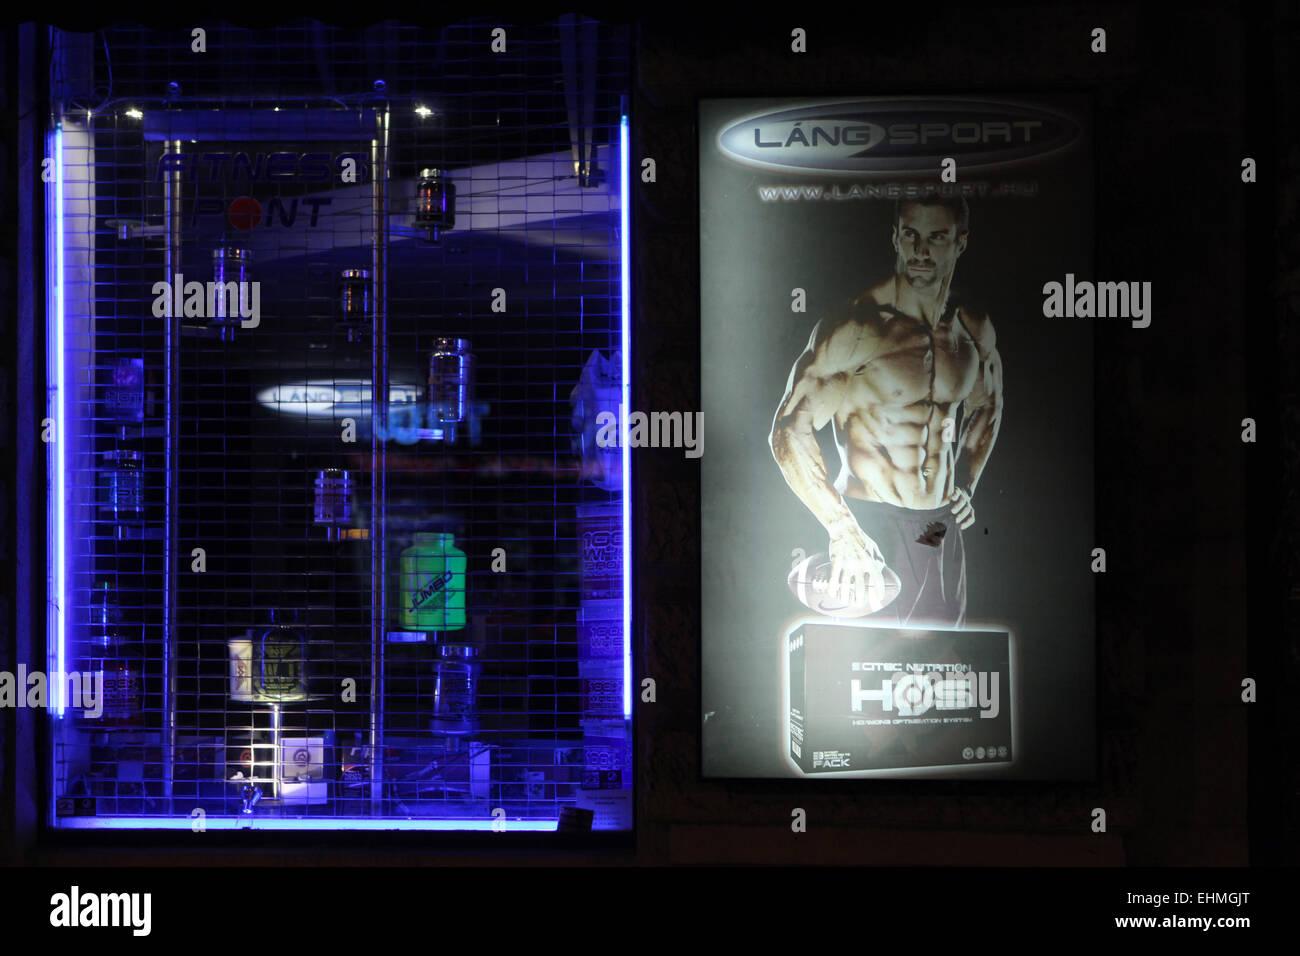 Negozio finestra decorata con un annuncio pubblicitario per il bodybuilding supplemento in Budapest, Ungheria. Immagini Stock